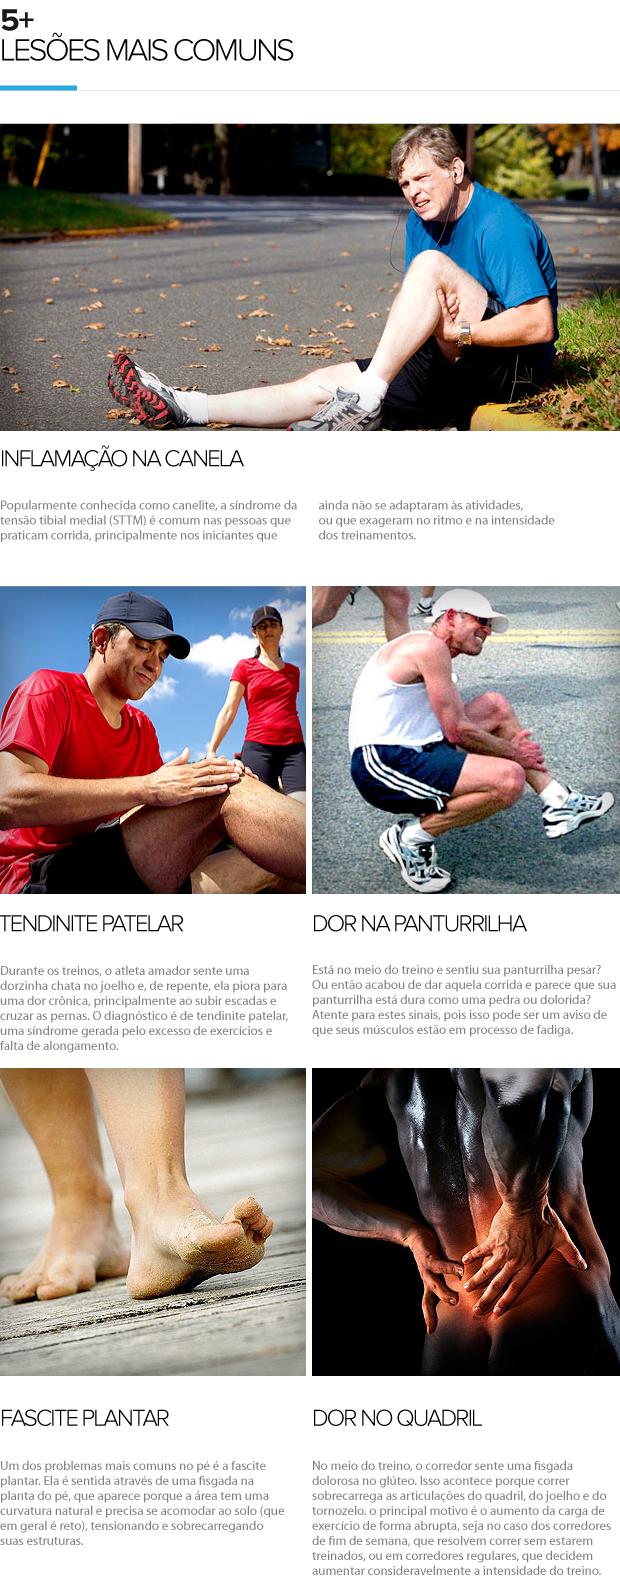 euatleta 5+ lesões mais comuns (Foto: Editoria de Arte / Globoesporte.com)